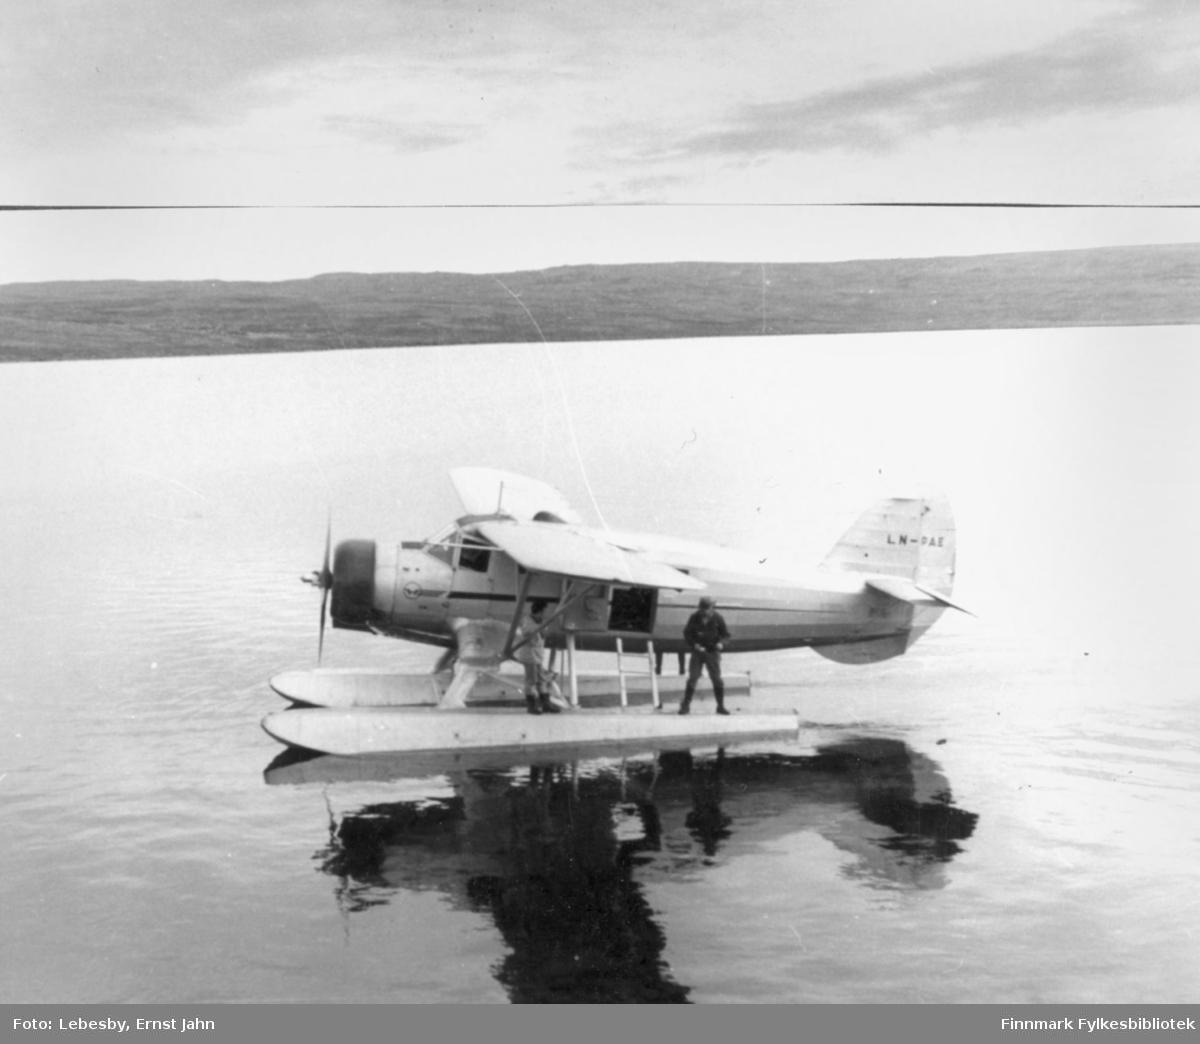 """Fotoserie fra tur med sjøfly til Peskvannet 12. og 13.august 1955. Per Bjørgan forteller: """"Vi hadde ikke båt med til Peskvannet, men dorget med flyet i stedet. På flottøren står Karl Jakob Carstens og Ole Gustav Øverdahl. Ut av cockpitvinduet stakk en lengere fluestang. Motoren ble stilt så lavt som mulig, slik at propellen såvidt slo rundt. Fisken brydde seg ikke om hverken flyet eller motorduren, men beit villig vekk."""" Foto: Ernst Lebesby."""